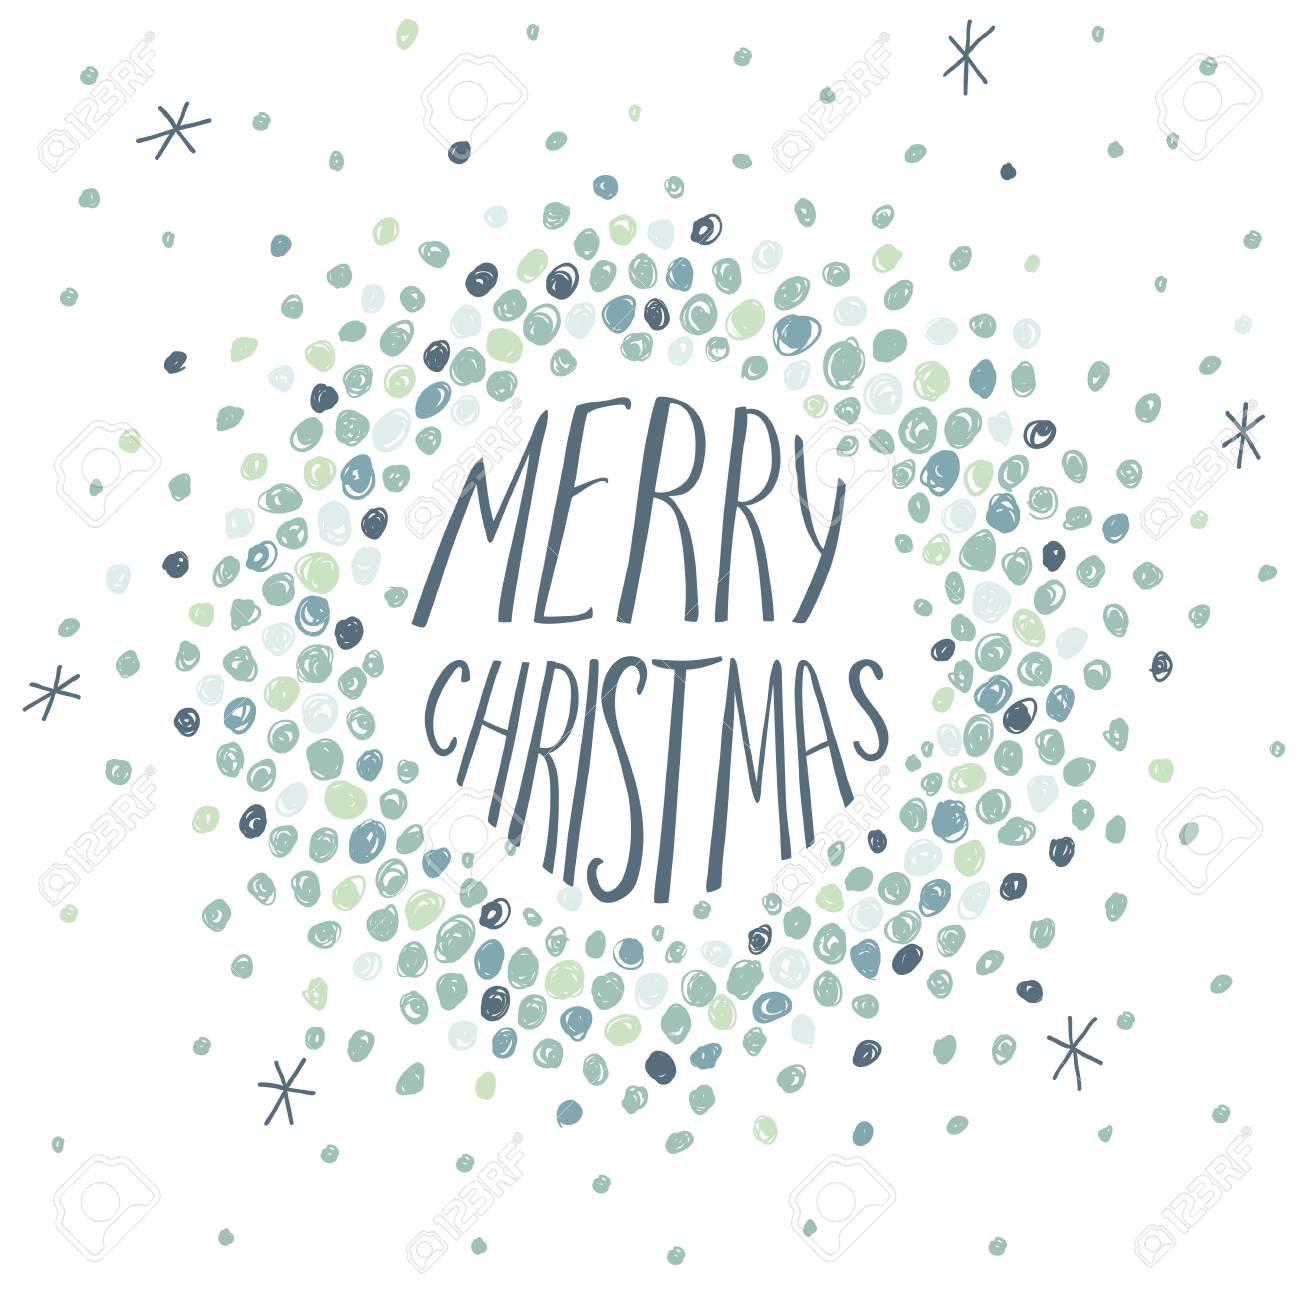 ラウンド フレームと手書きの手紙とクリスマス カードのイラスト素材 ベクタ Image